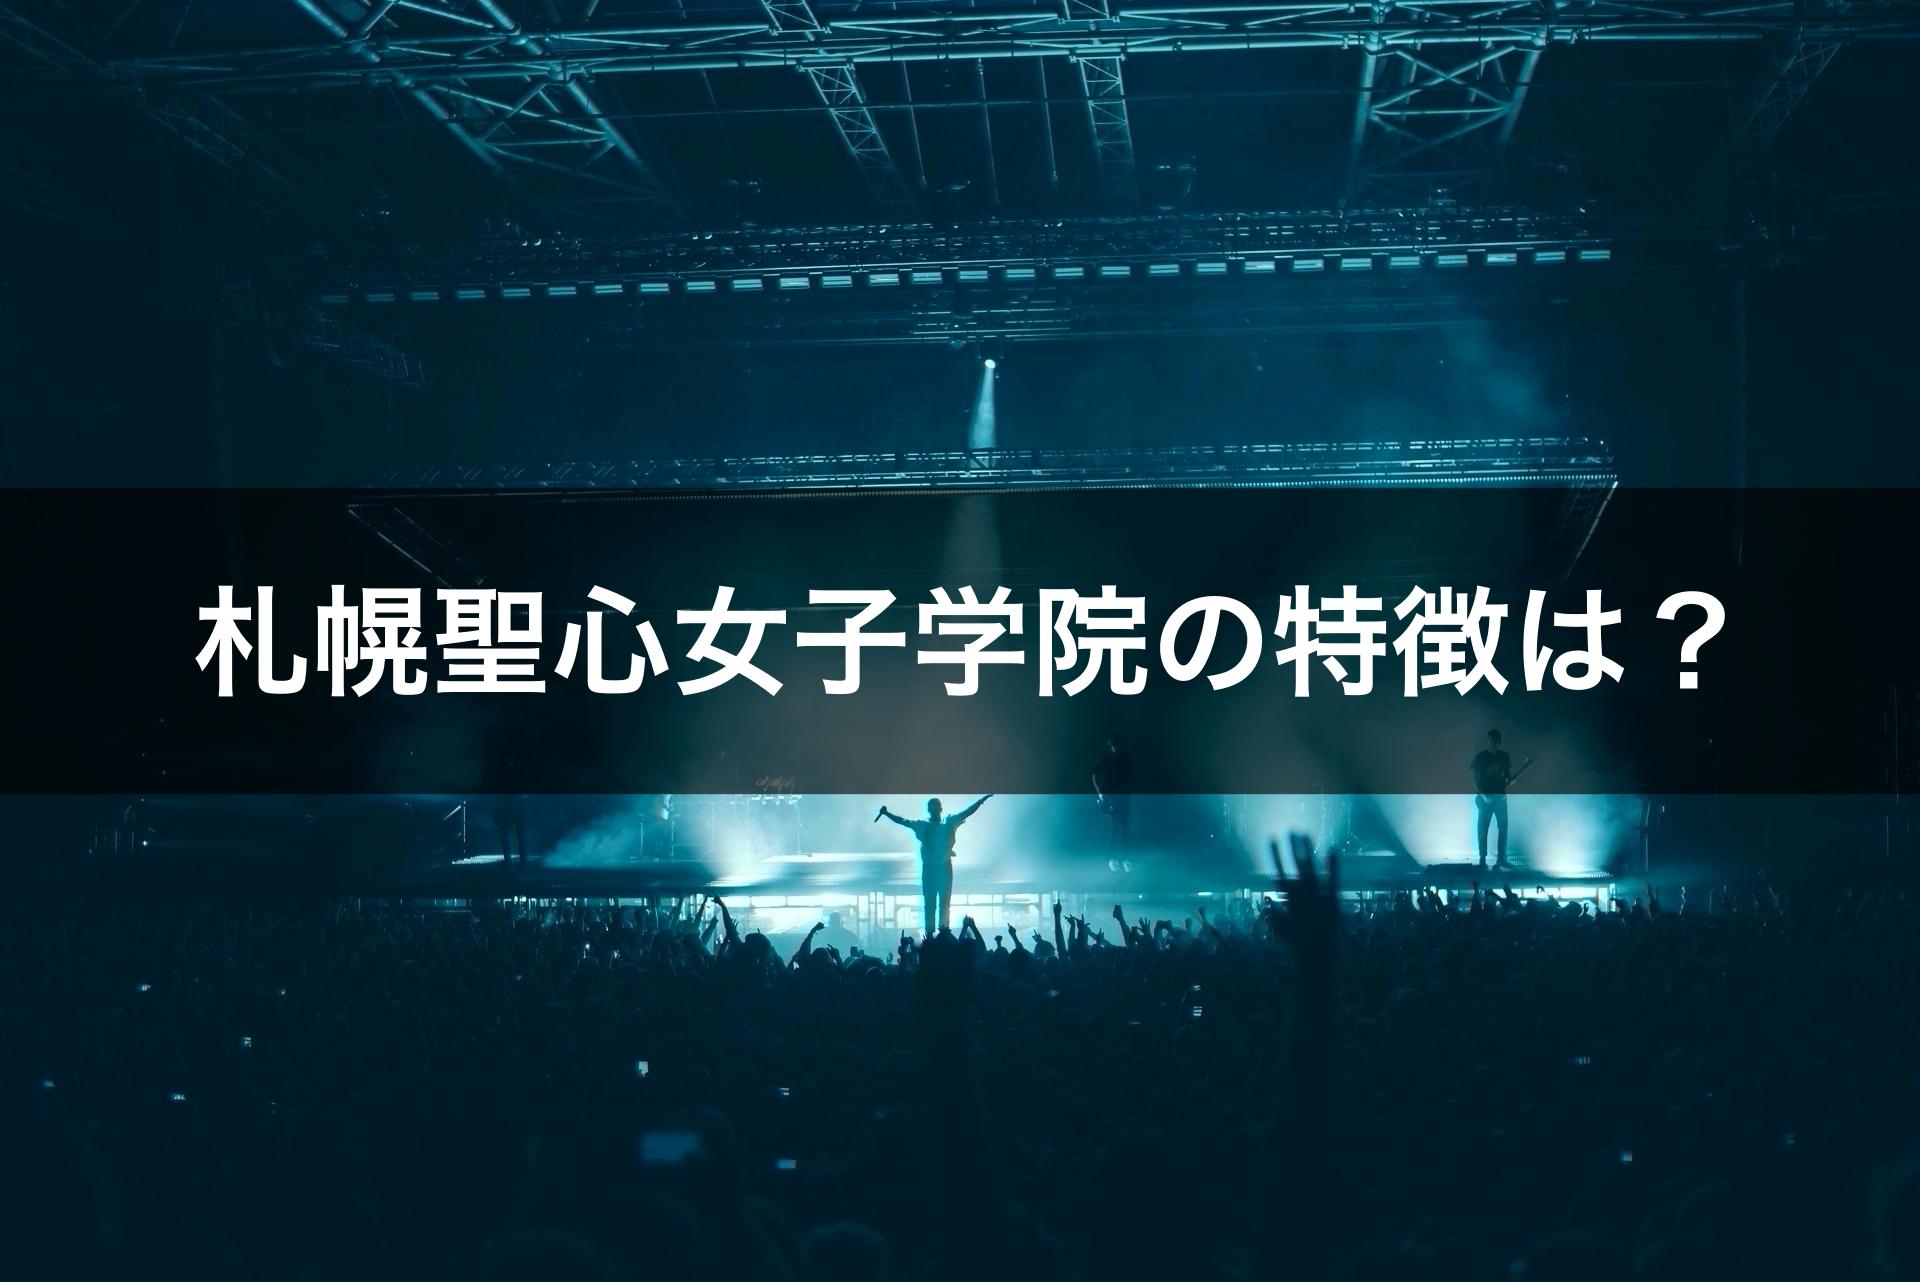 札幌聖心女子学院の特徴は?